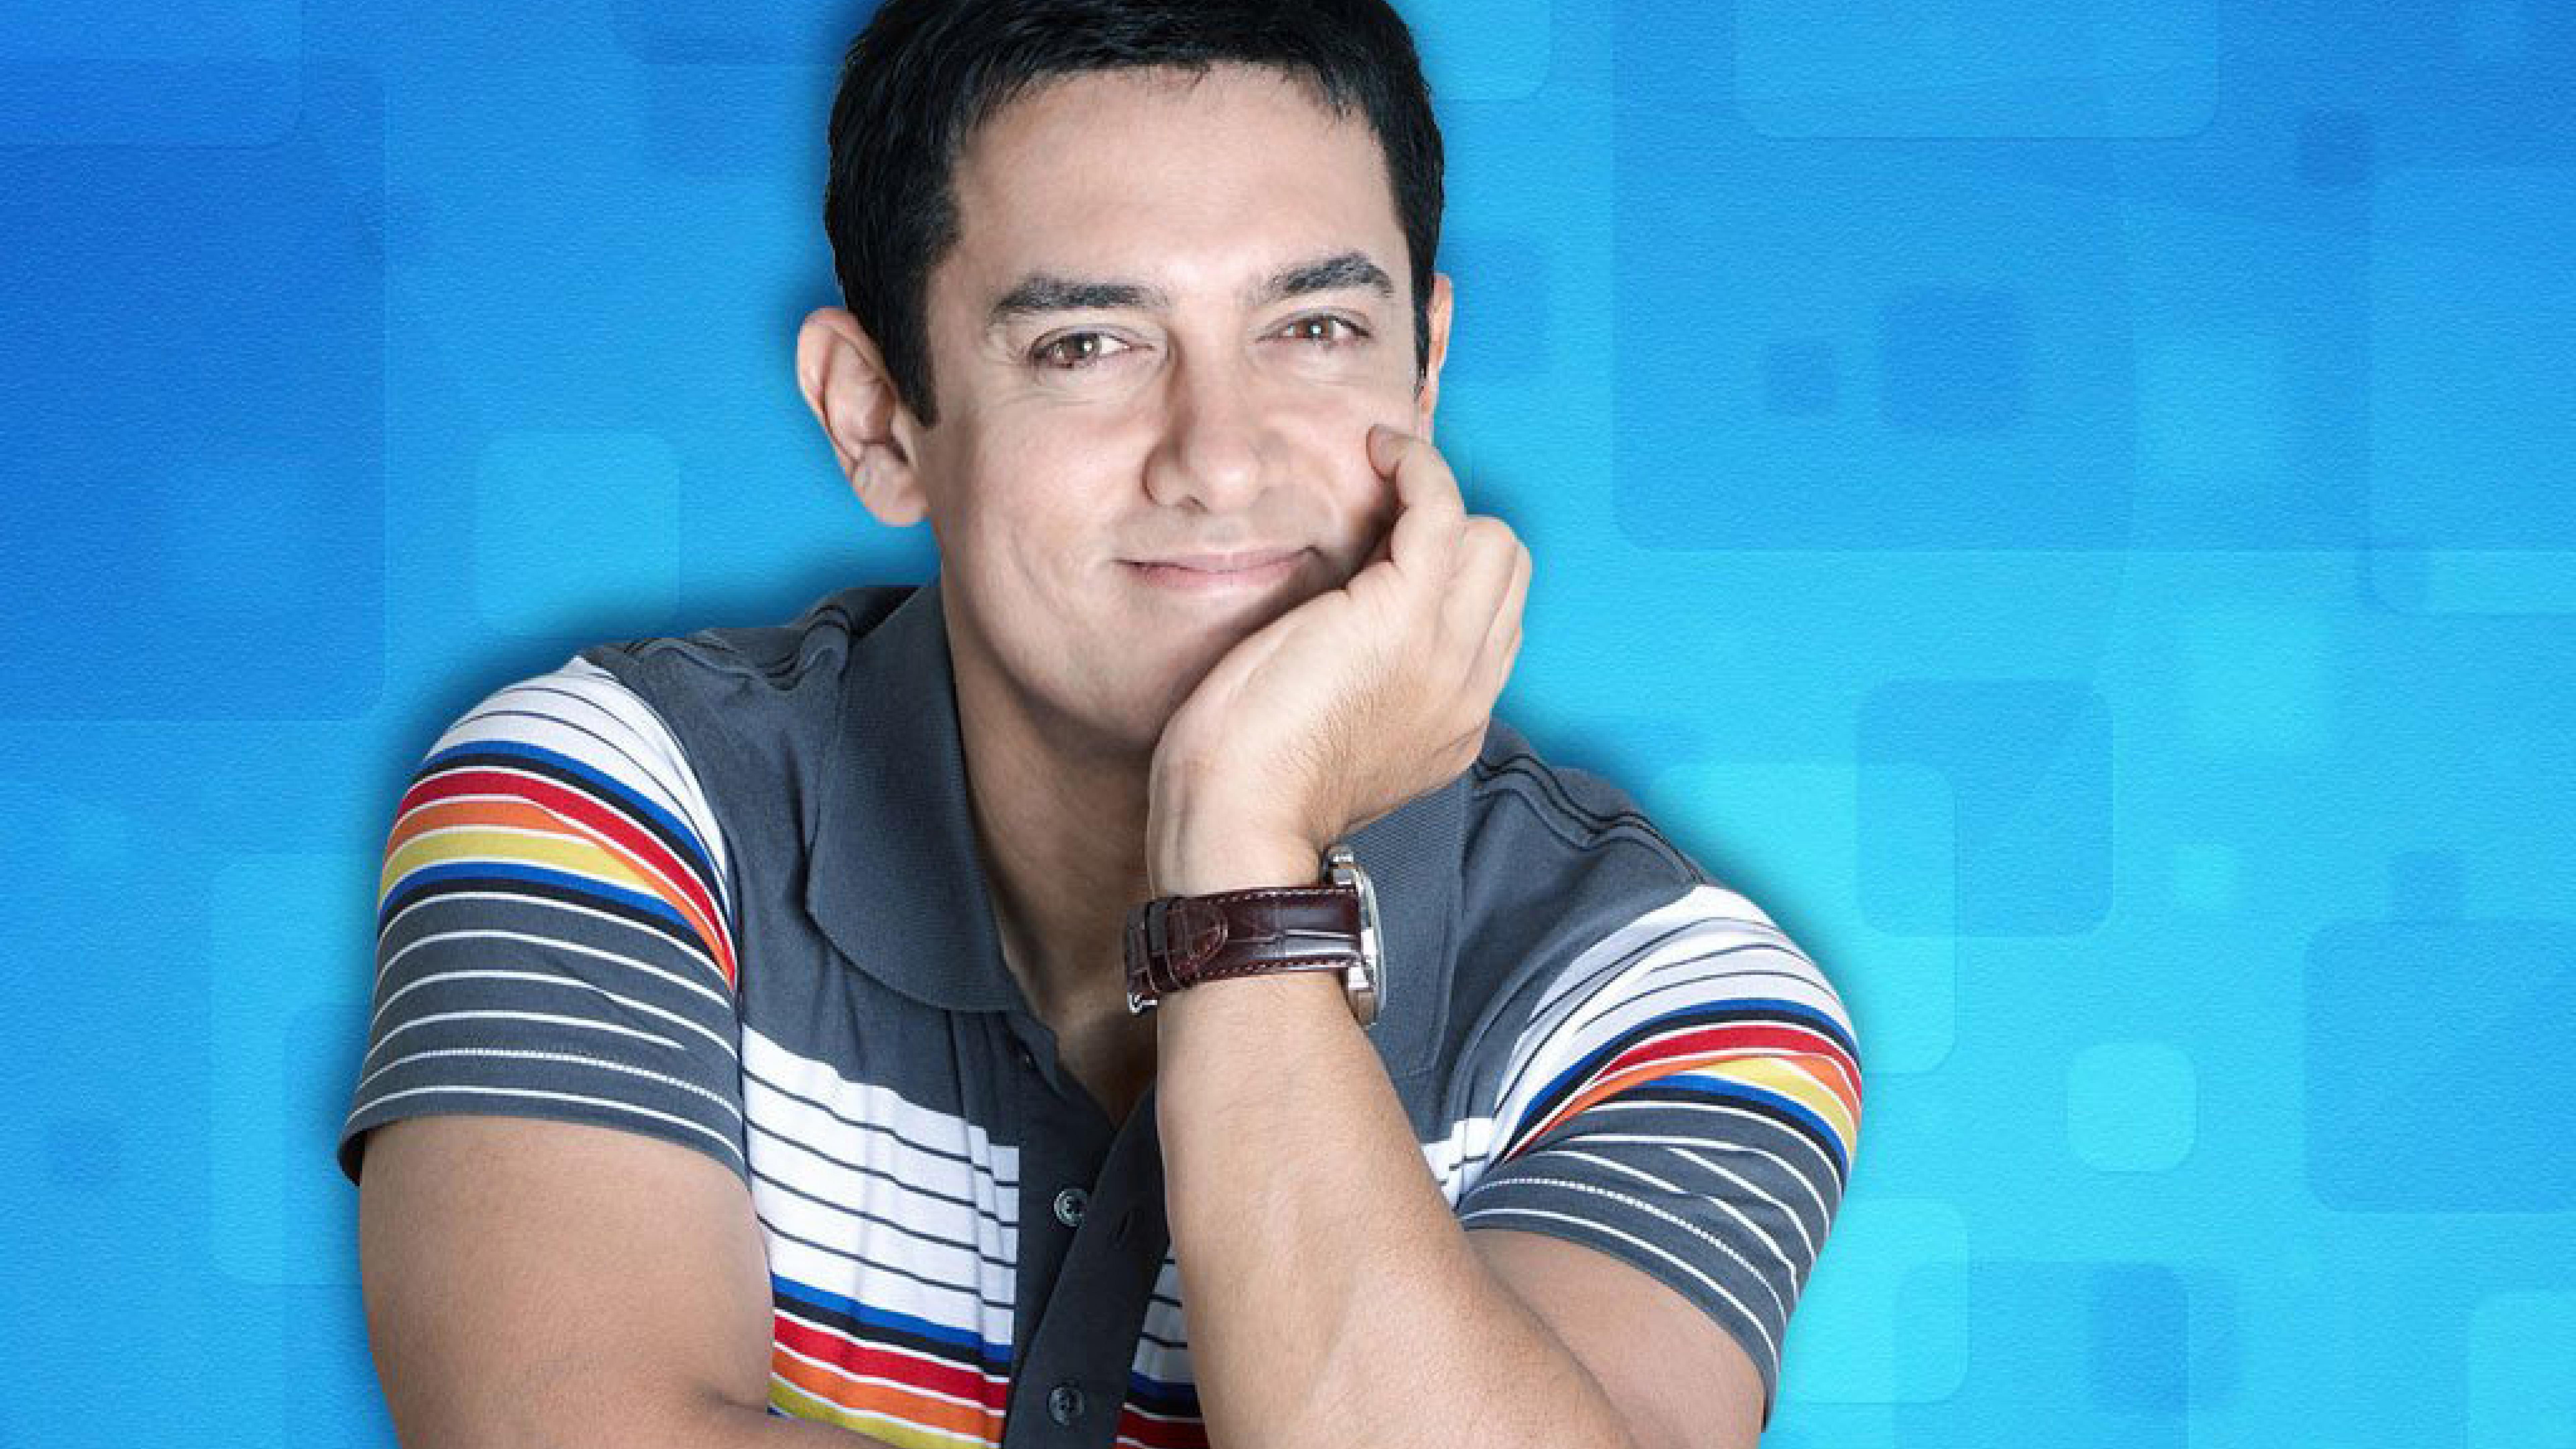 Aamir Khan Pic Download: Aamir Khan Smile Look Photoshoot, HD Wallpaper